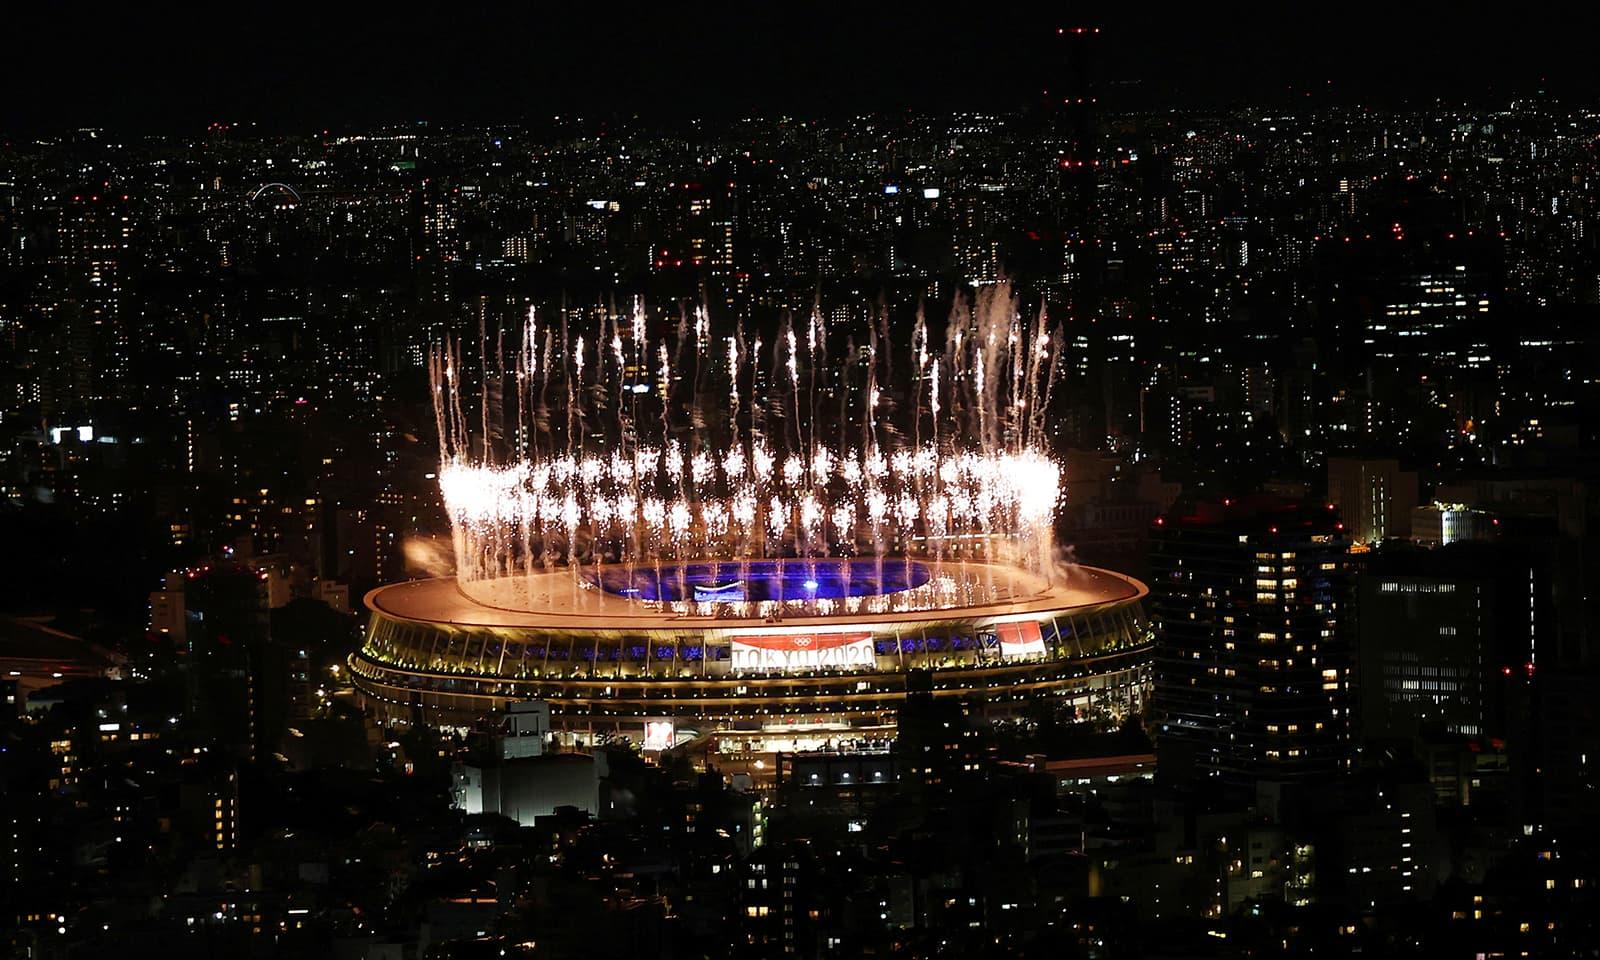 ٹوکیو کی اولمپک انتظامیہ نے آتش بازی کا شان داری مظاہرہ کیا—فوٹو:رائٹرز